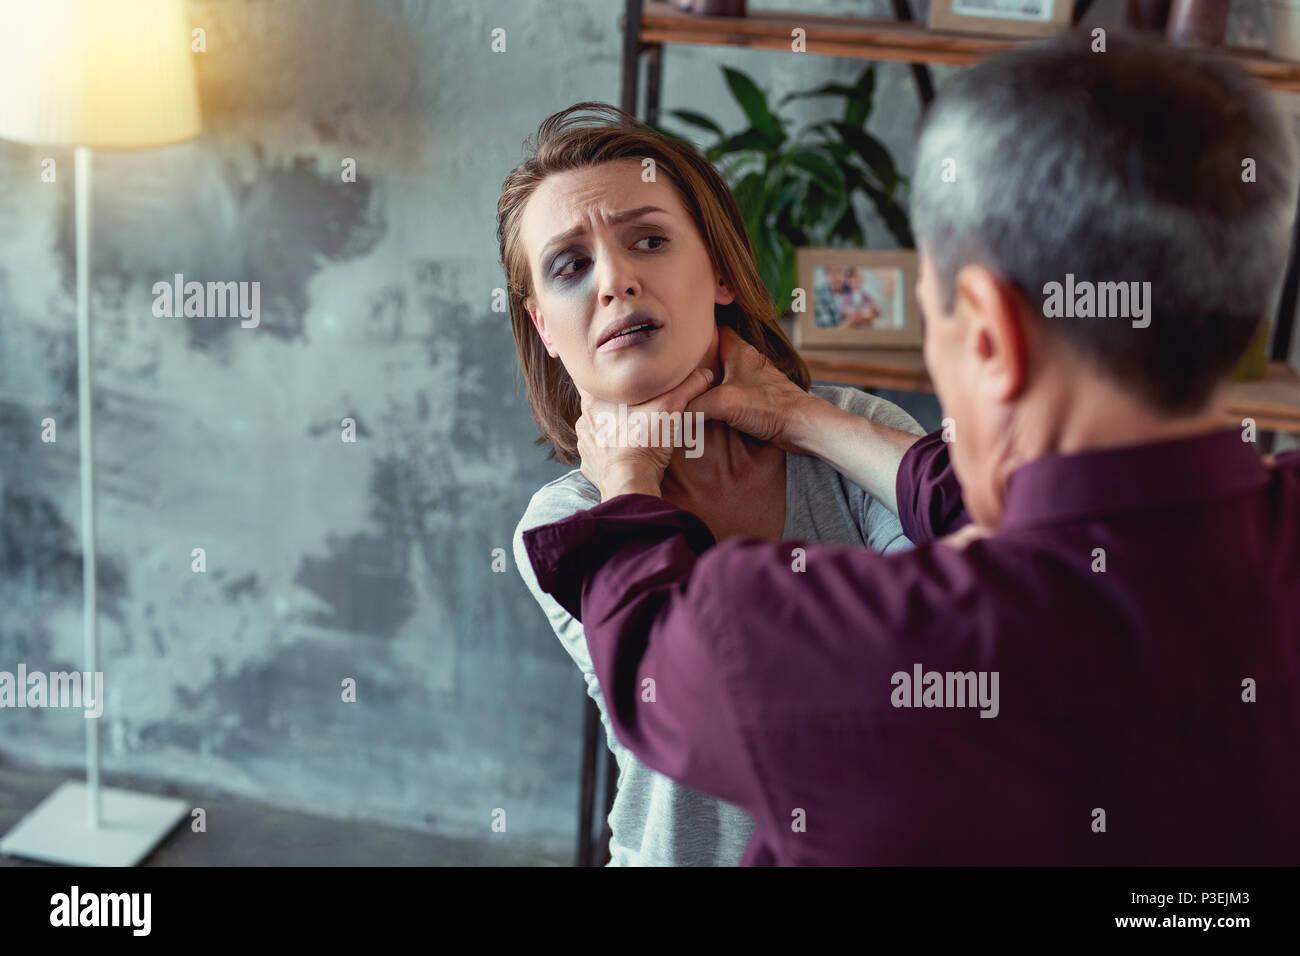 Víctima de la agresión se siente muy asustada Imagen De Stock